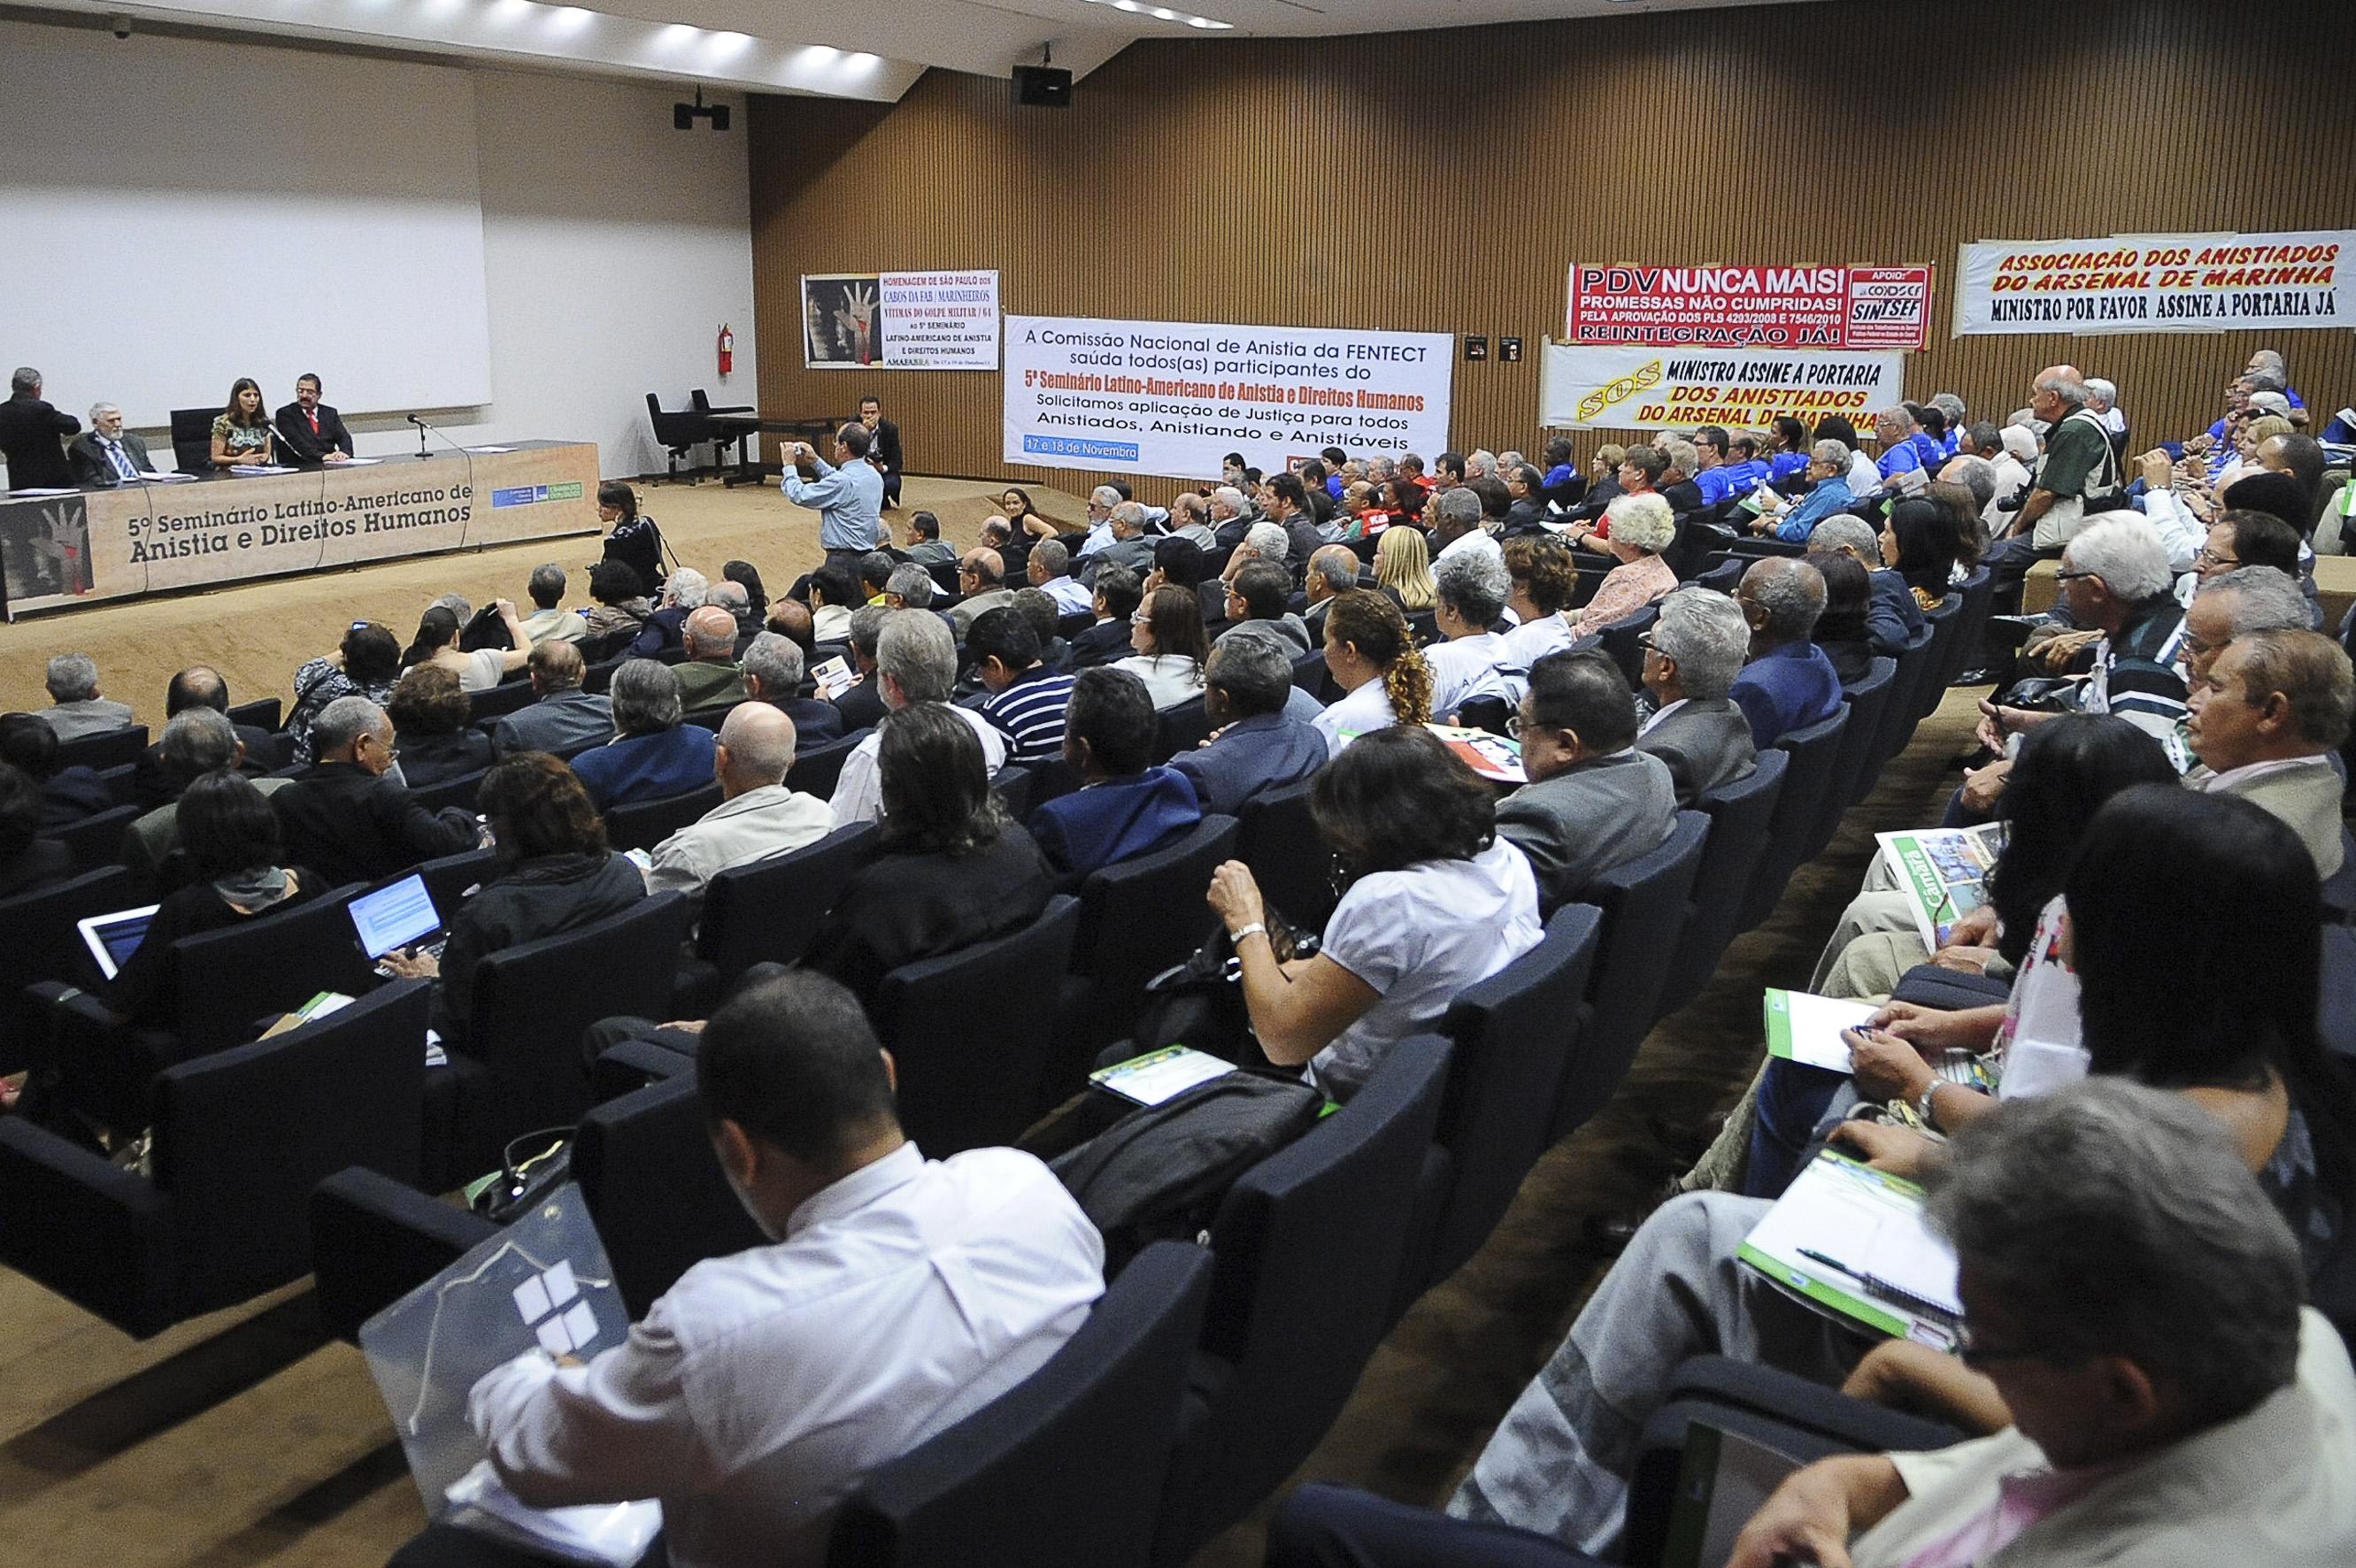 http://agenciabrasil.ebc.com.br/sites/_agenciabrasil/files/gallery_assist/27/gallery_assist681313/Agencia%20Brasil181011WDO_3613A.JPG